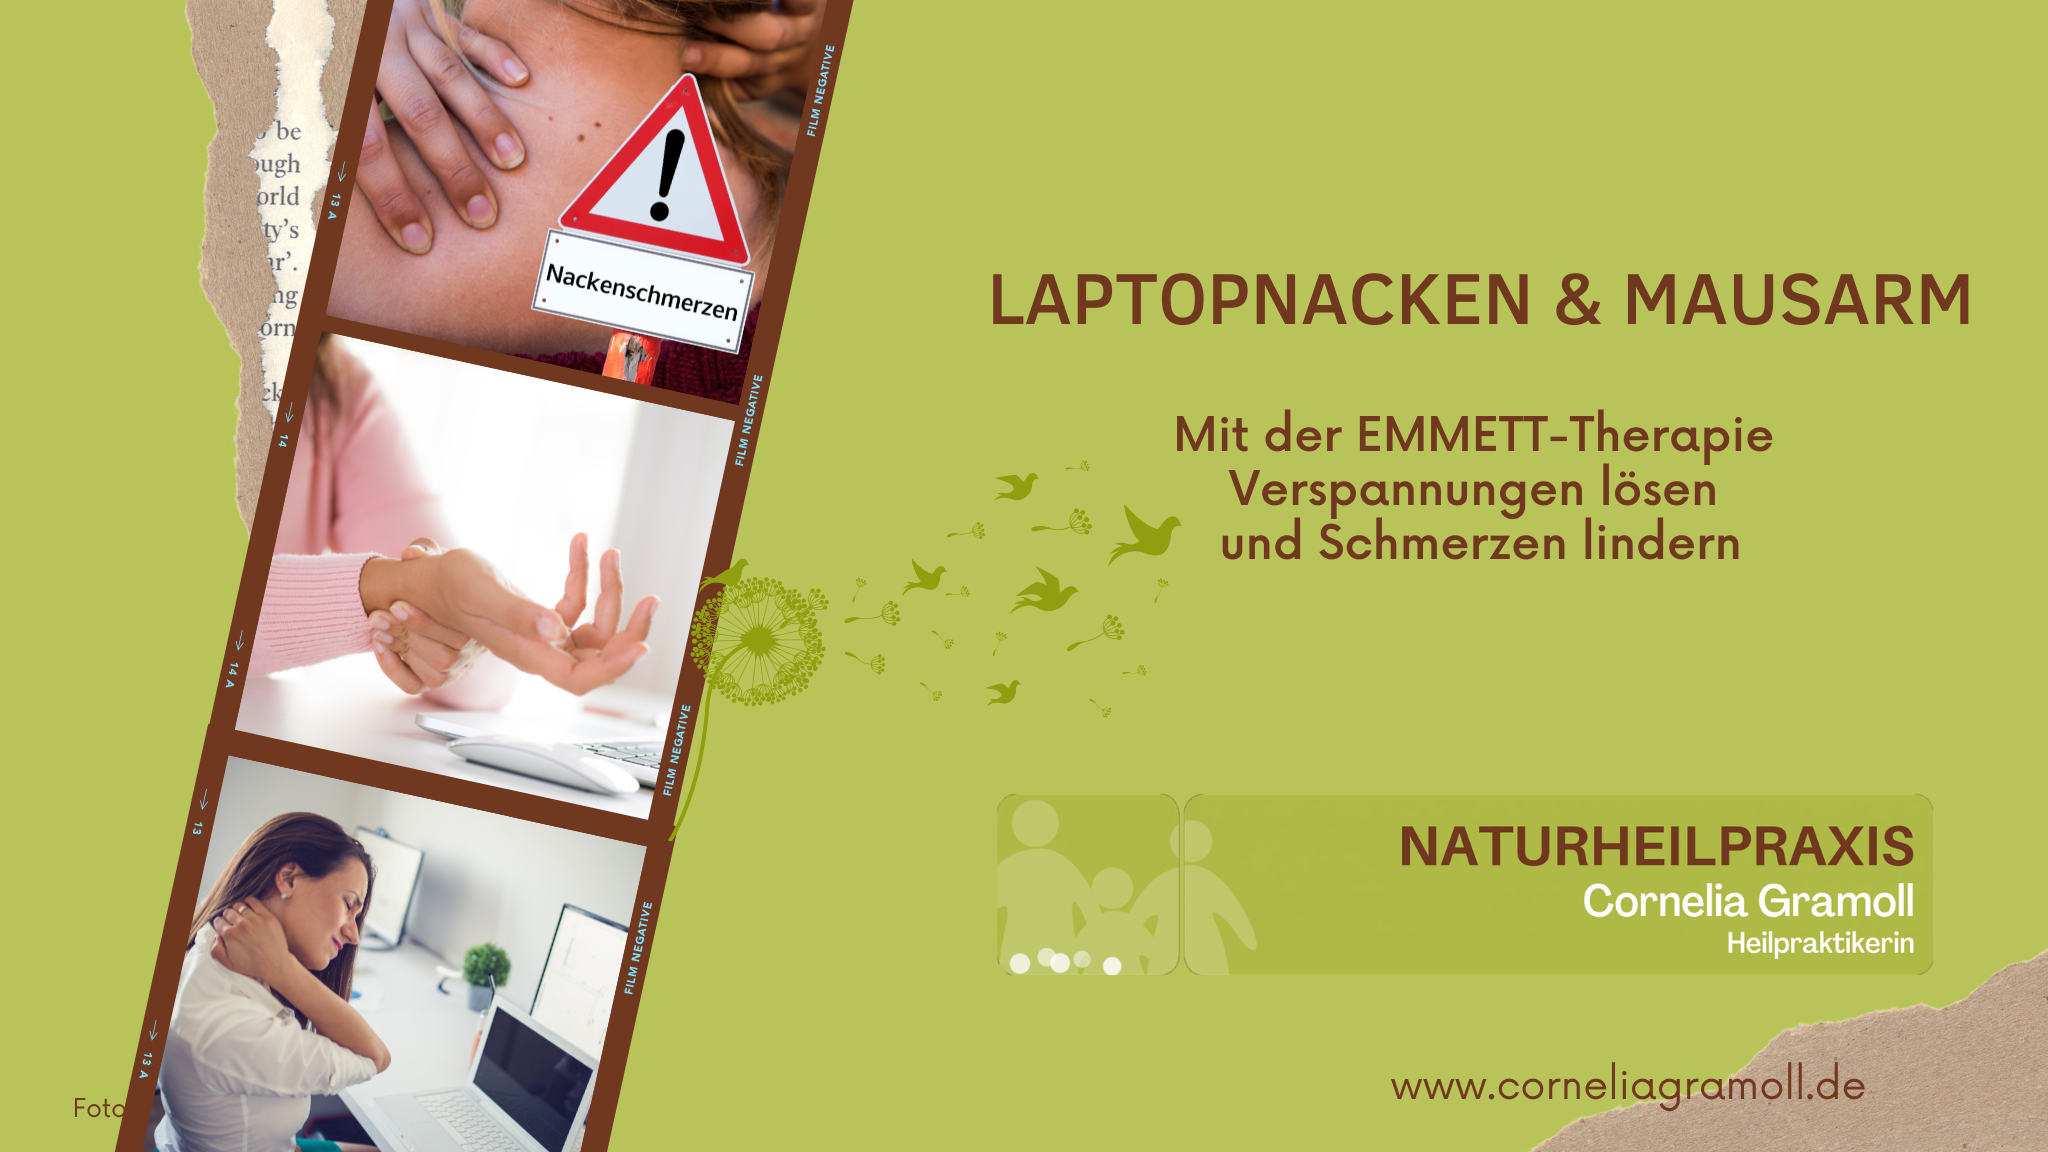 Laptopnacken und Mausarm EMMETT-Therapie